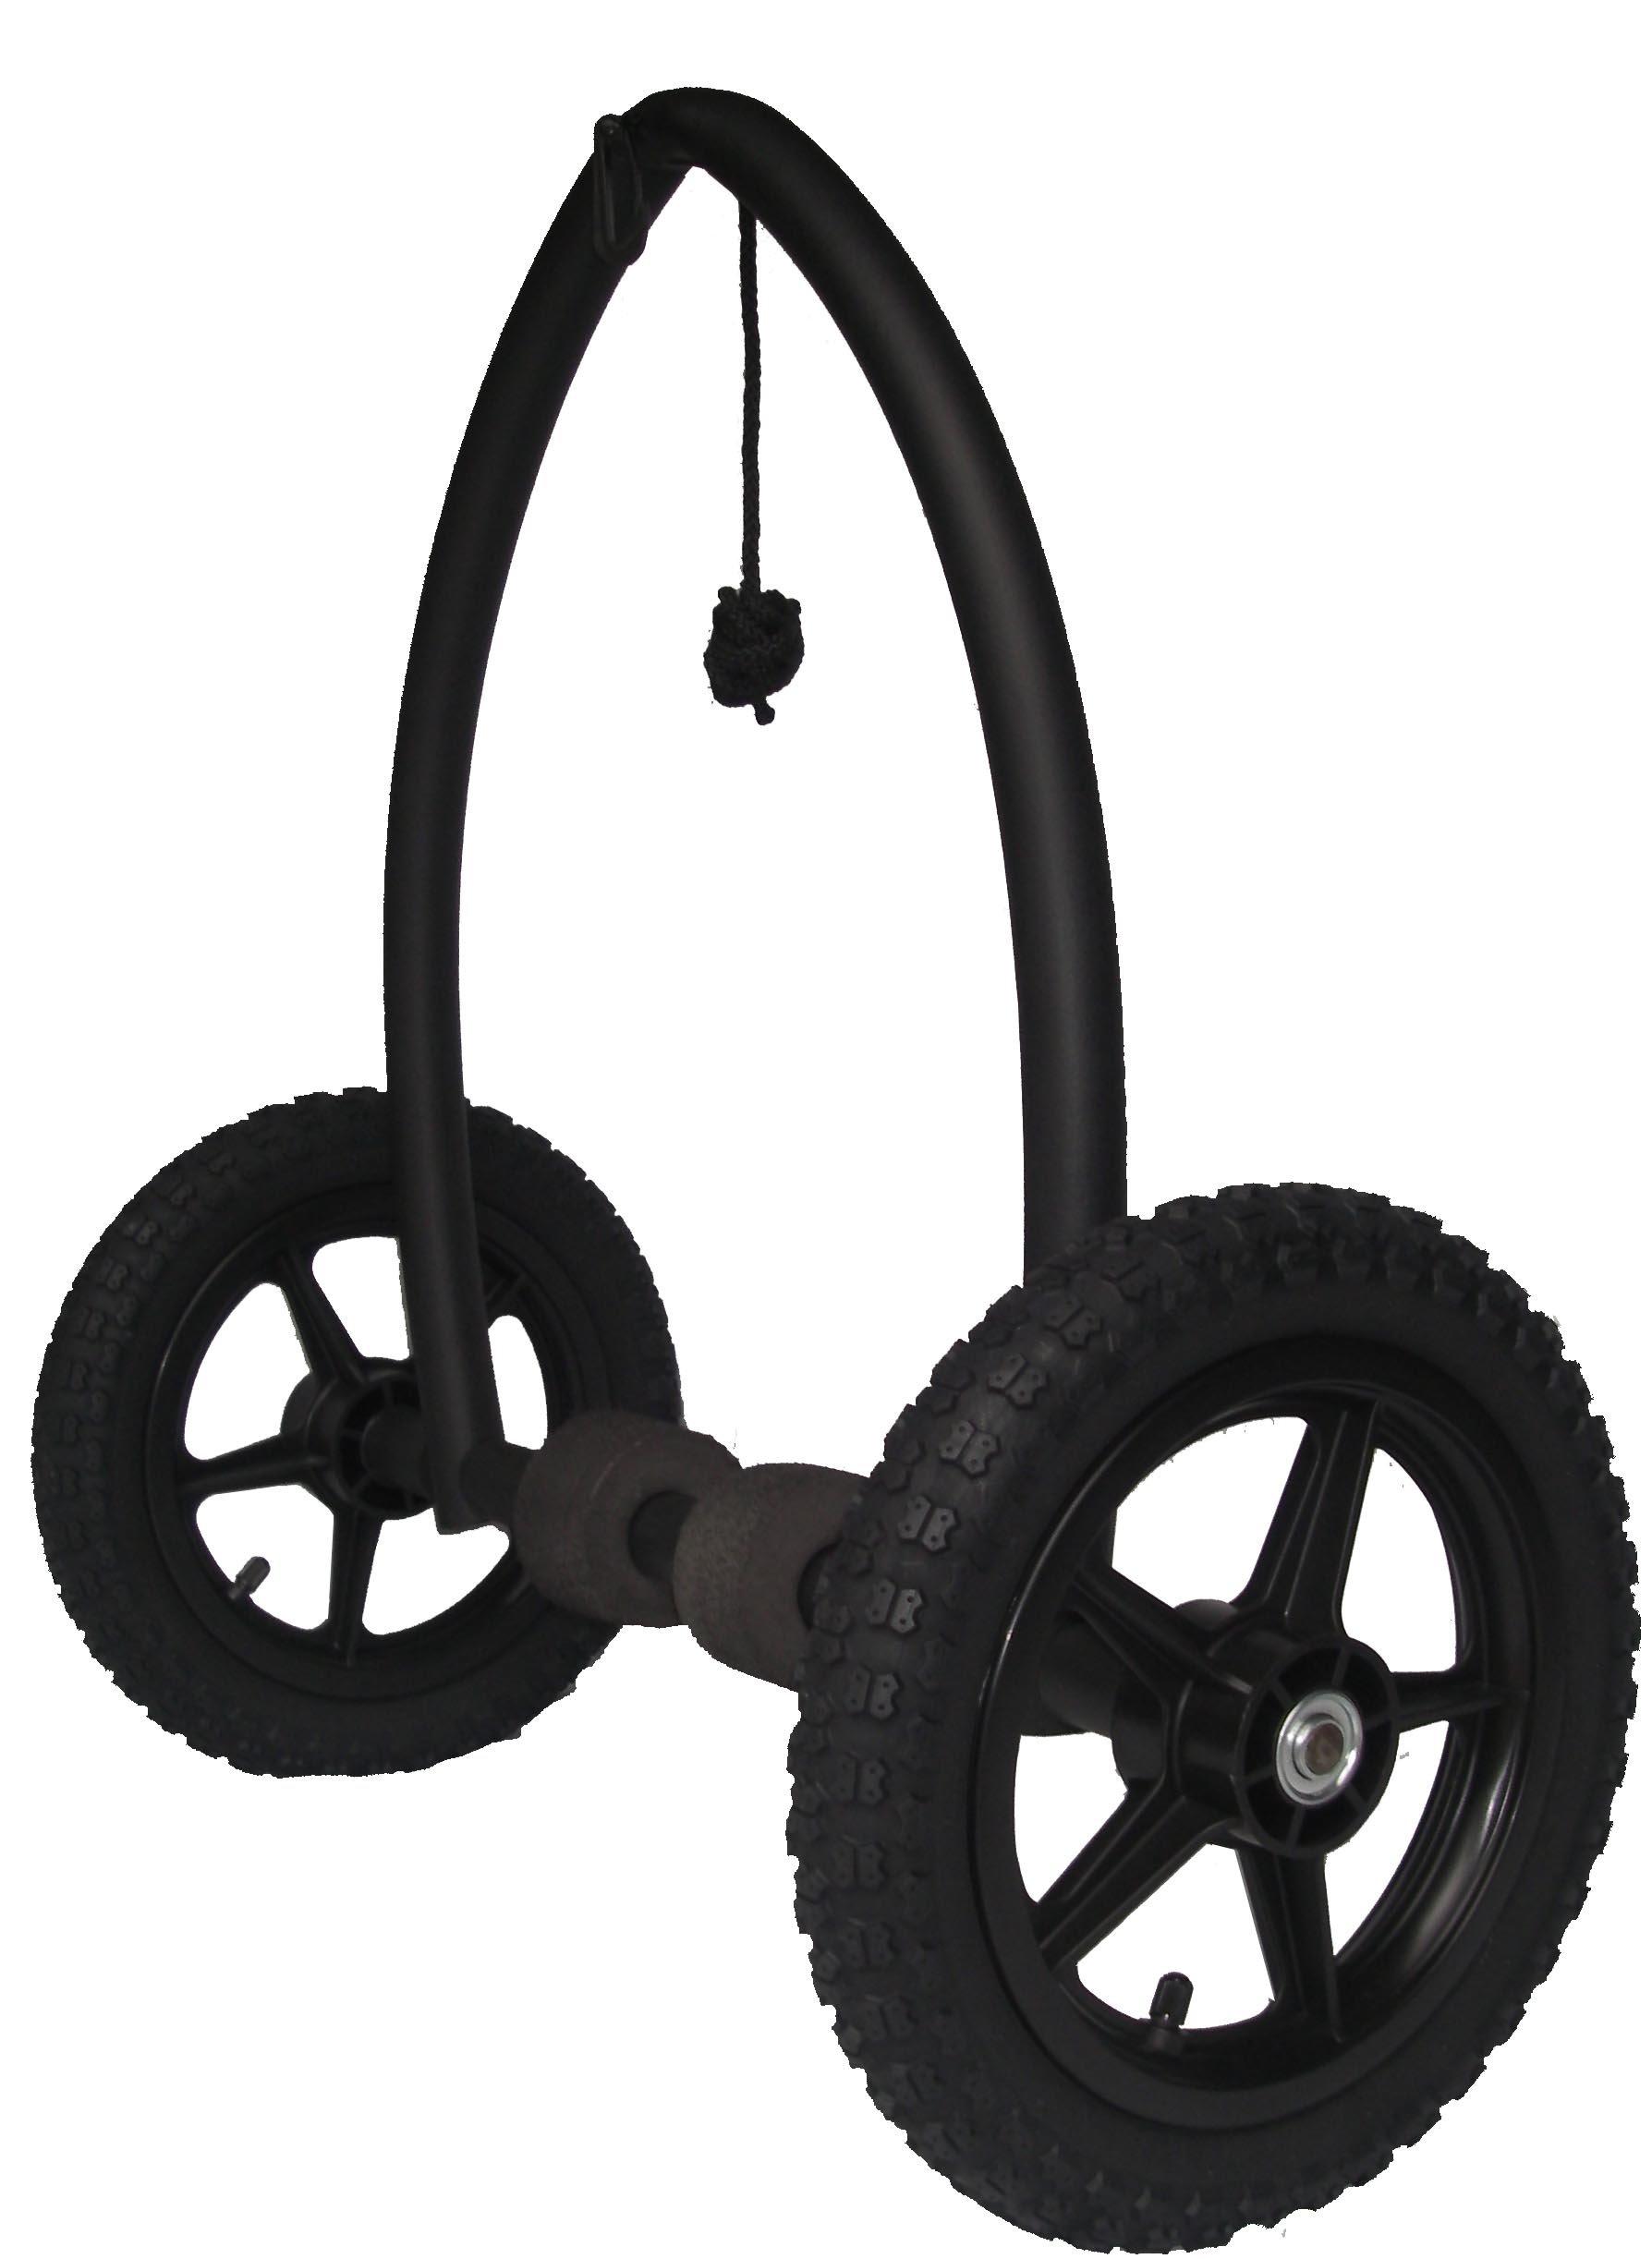 24'' Trailtrekker kayak cart